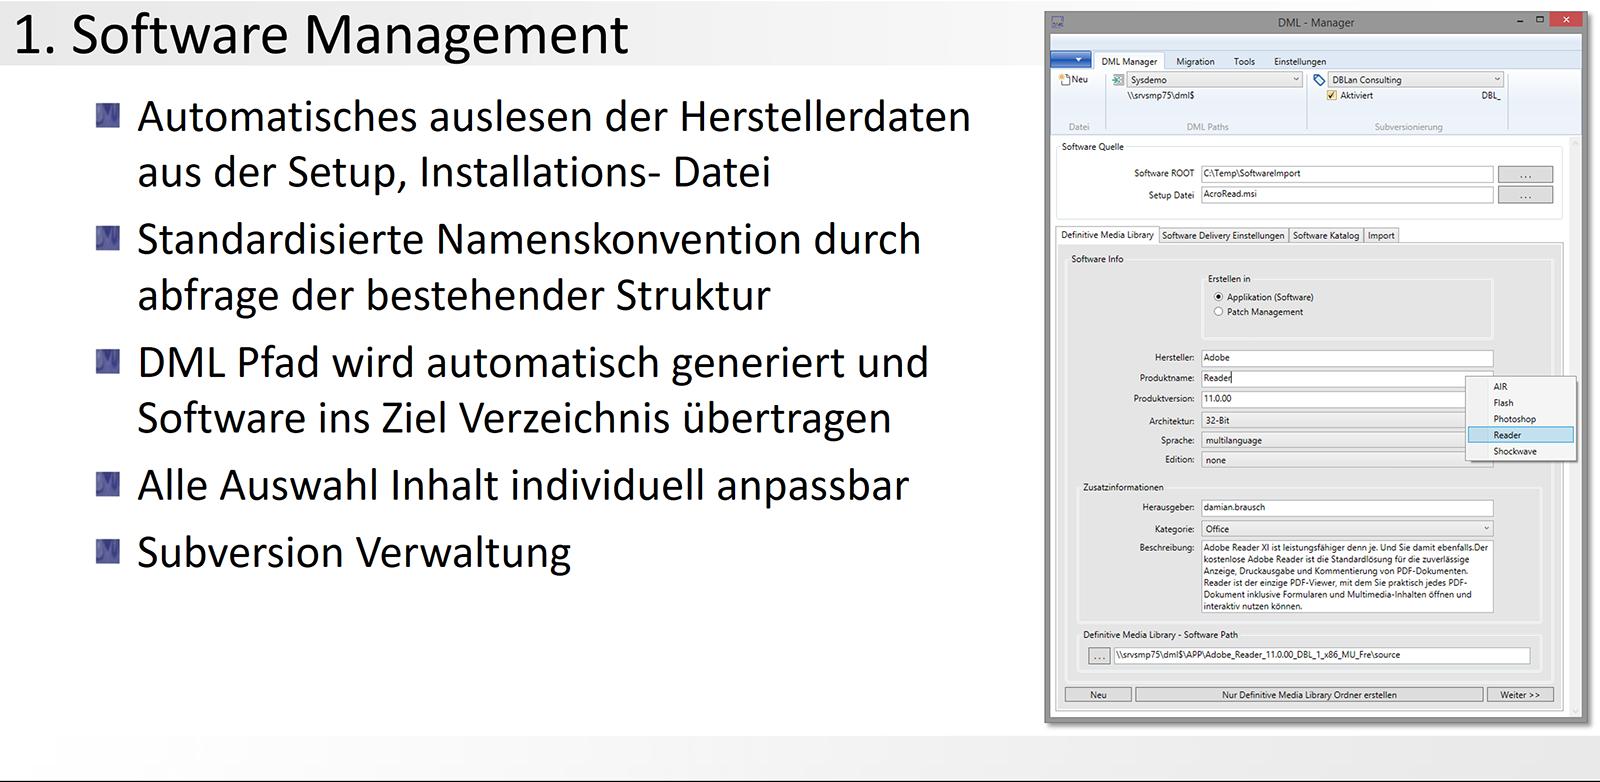 1. DML-Manager - Software Management